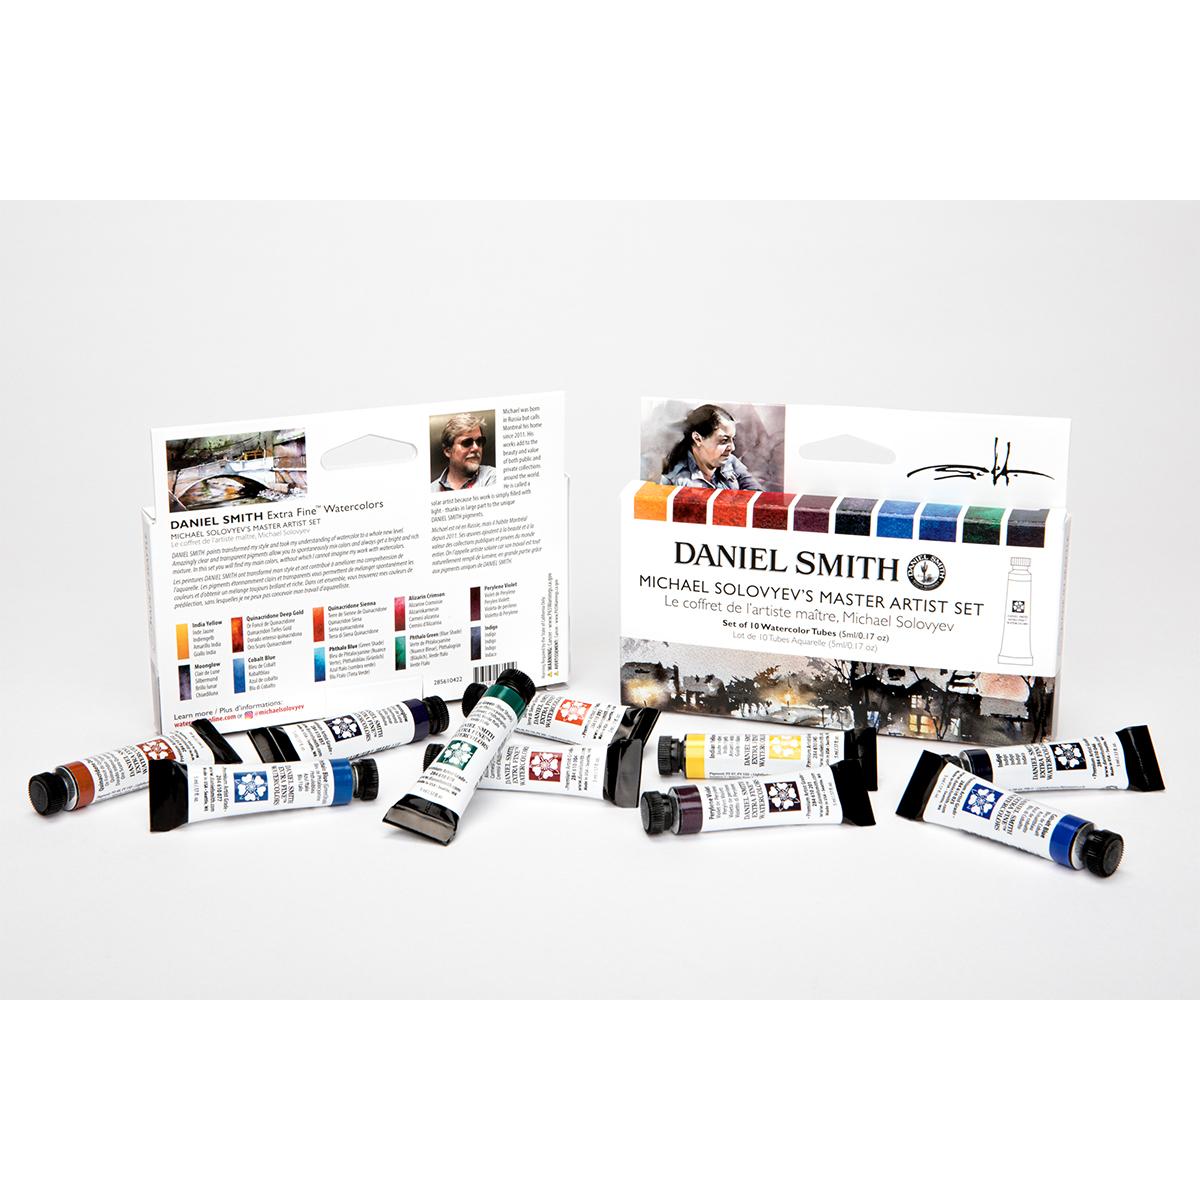 DANIEL SMITH マイケル ソロビヨフマスターアーティストセット 10色 ダニエル スミス 5mlチューブ 在庫一掃売り切りセール 毎日激安特売で 営業中です 水彩絵具 セット